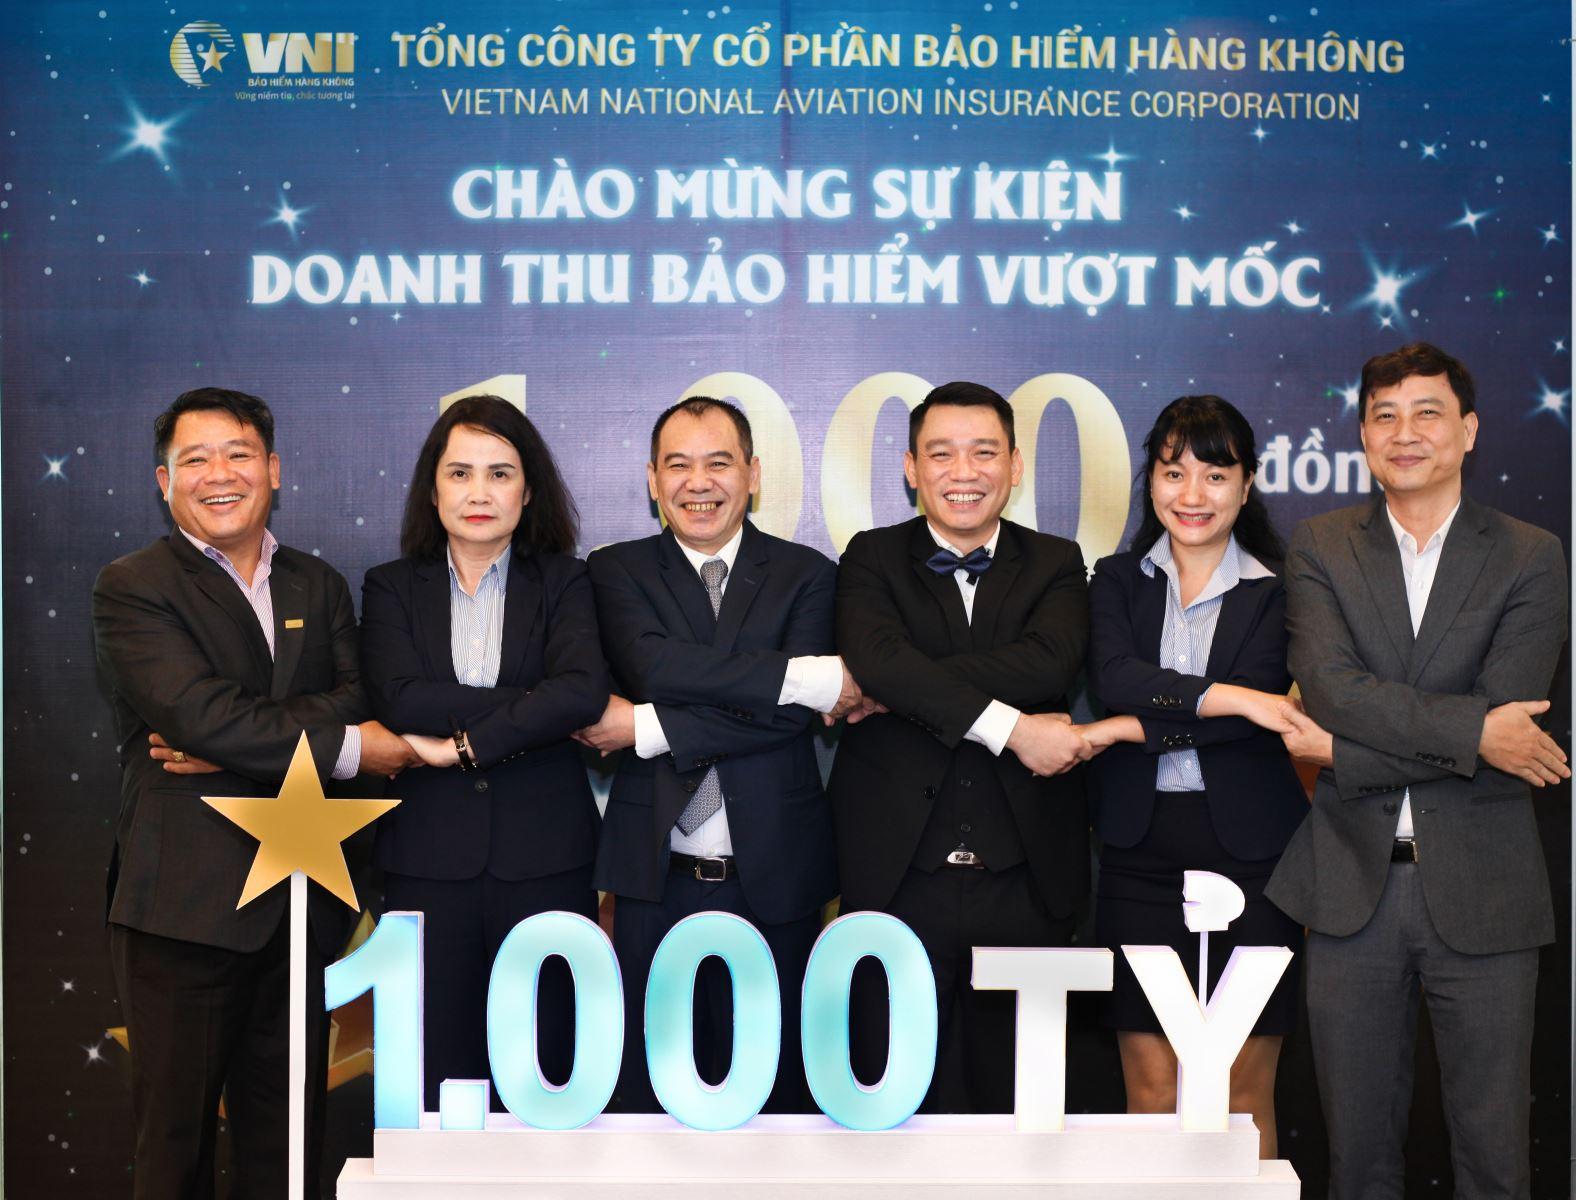 Bảo hiểm Hàng không (VNI) doanh thu bảo hiểm vượt mốc 1.000 tỷ đồng